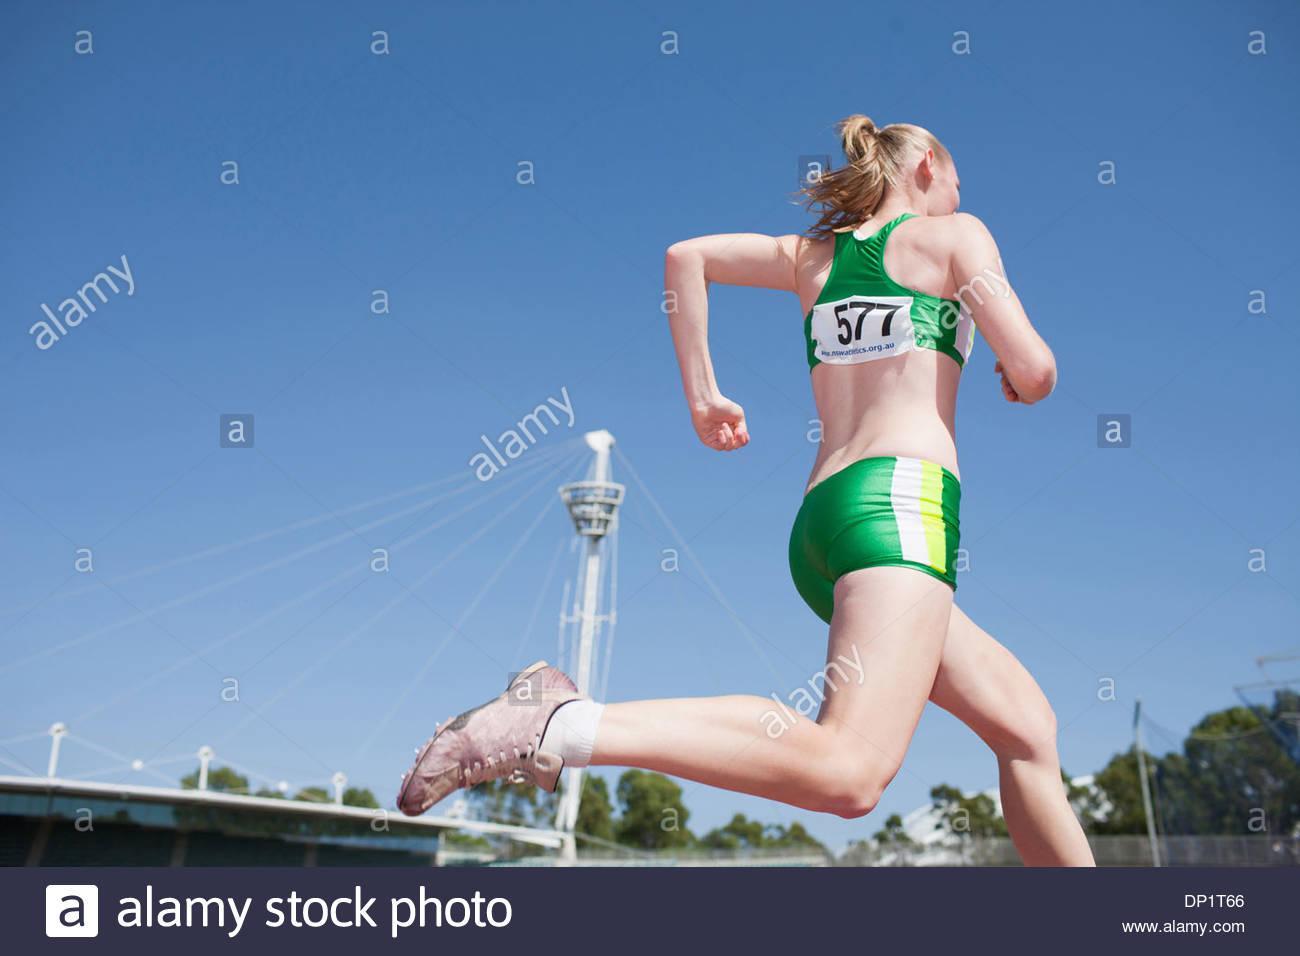 Läufer auf dem richtigen Weg Stockbild